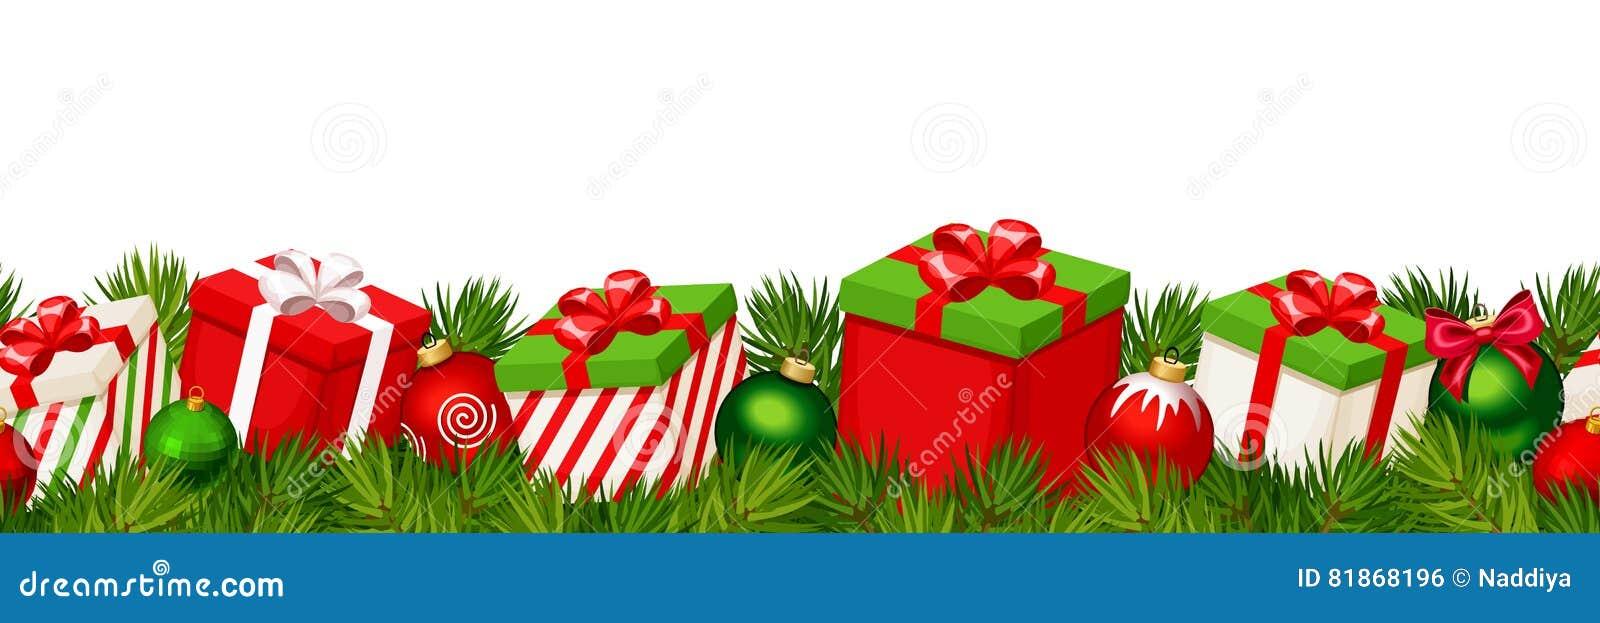 Fond sans couture horizontal de Noël avec les boîte-cadeau rouges et verts Illustration de vecteur